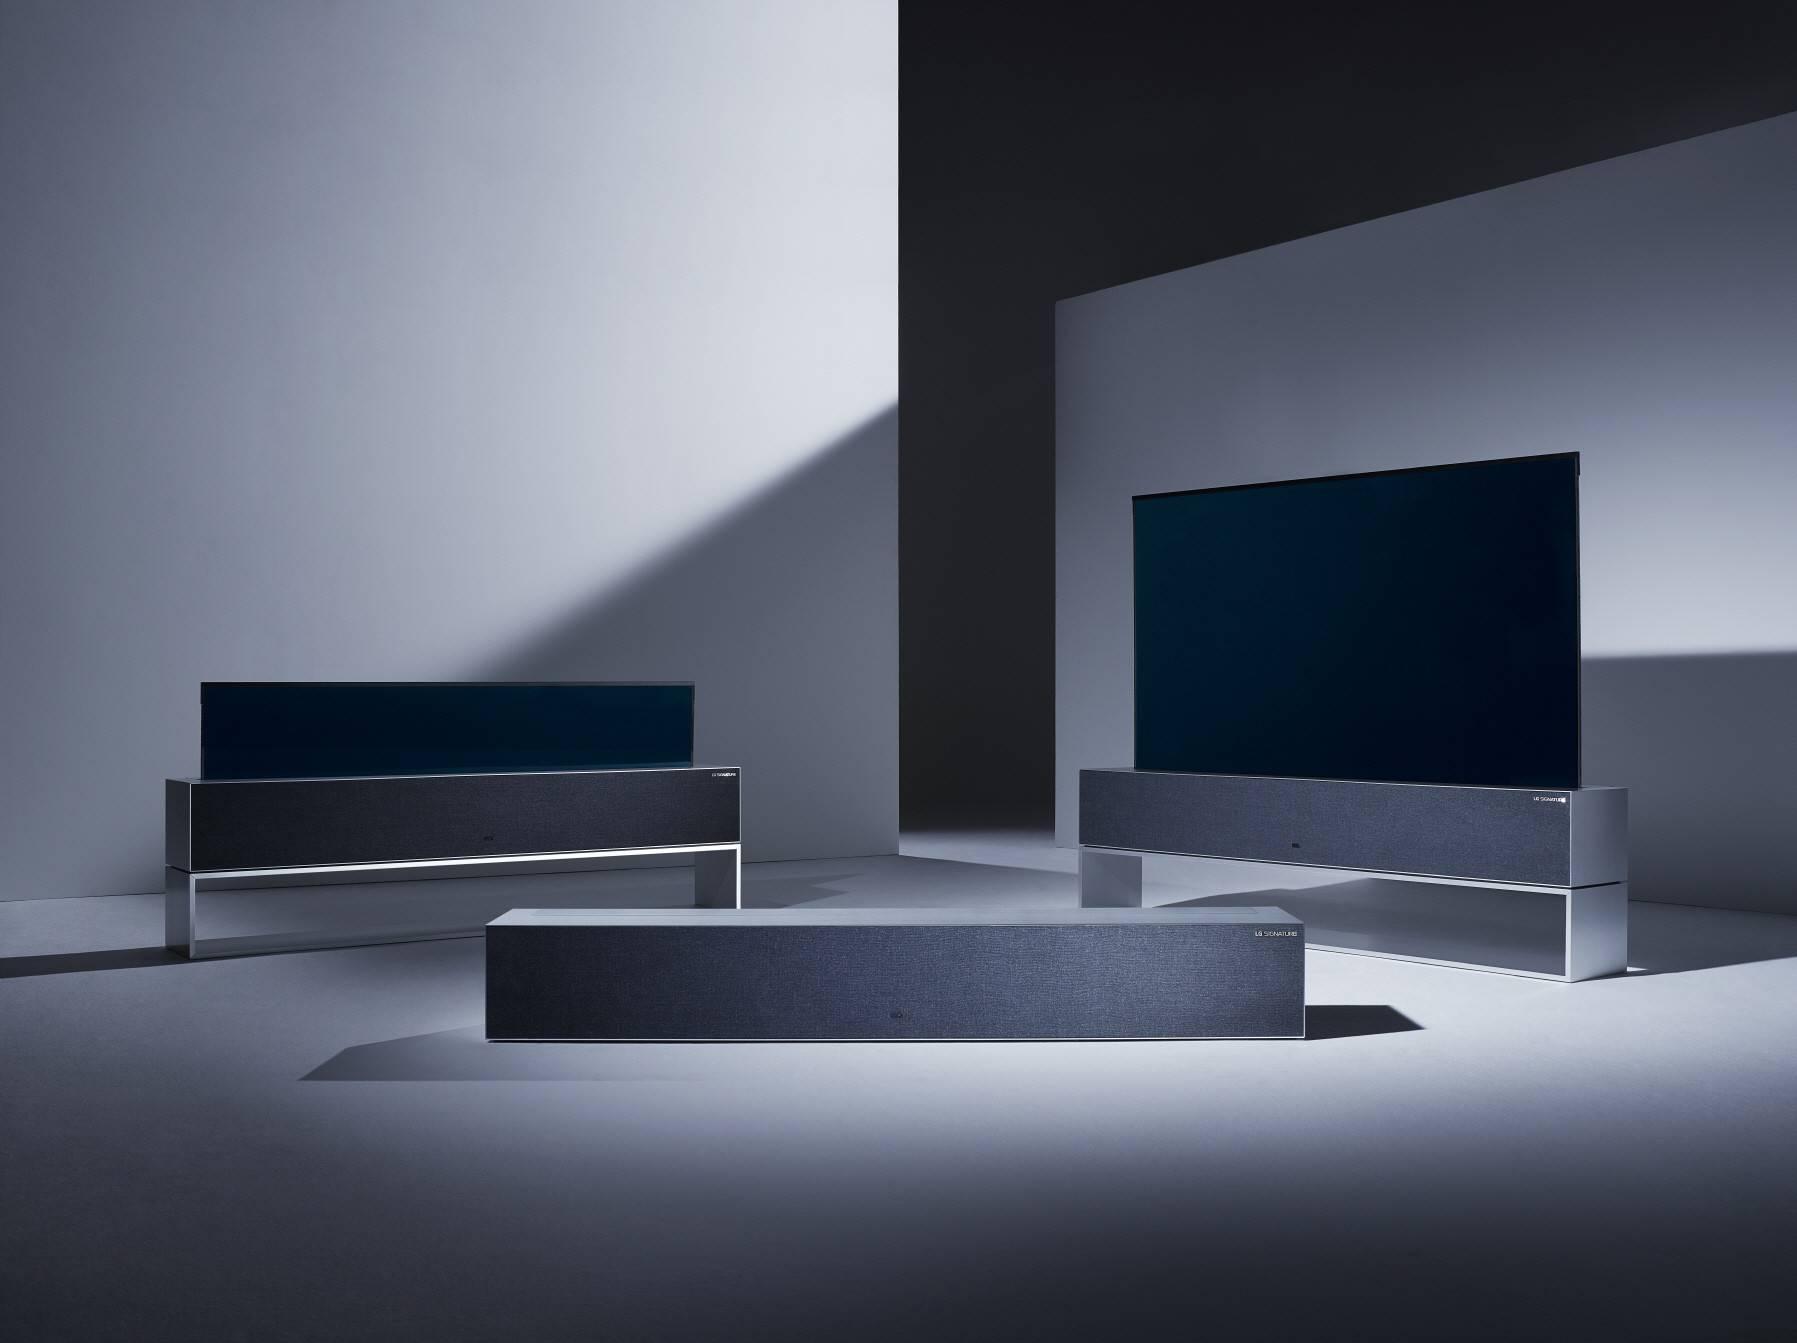 LG predstavio OLED TV koji se zarola u kutiju kad ne radi